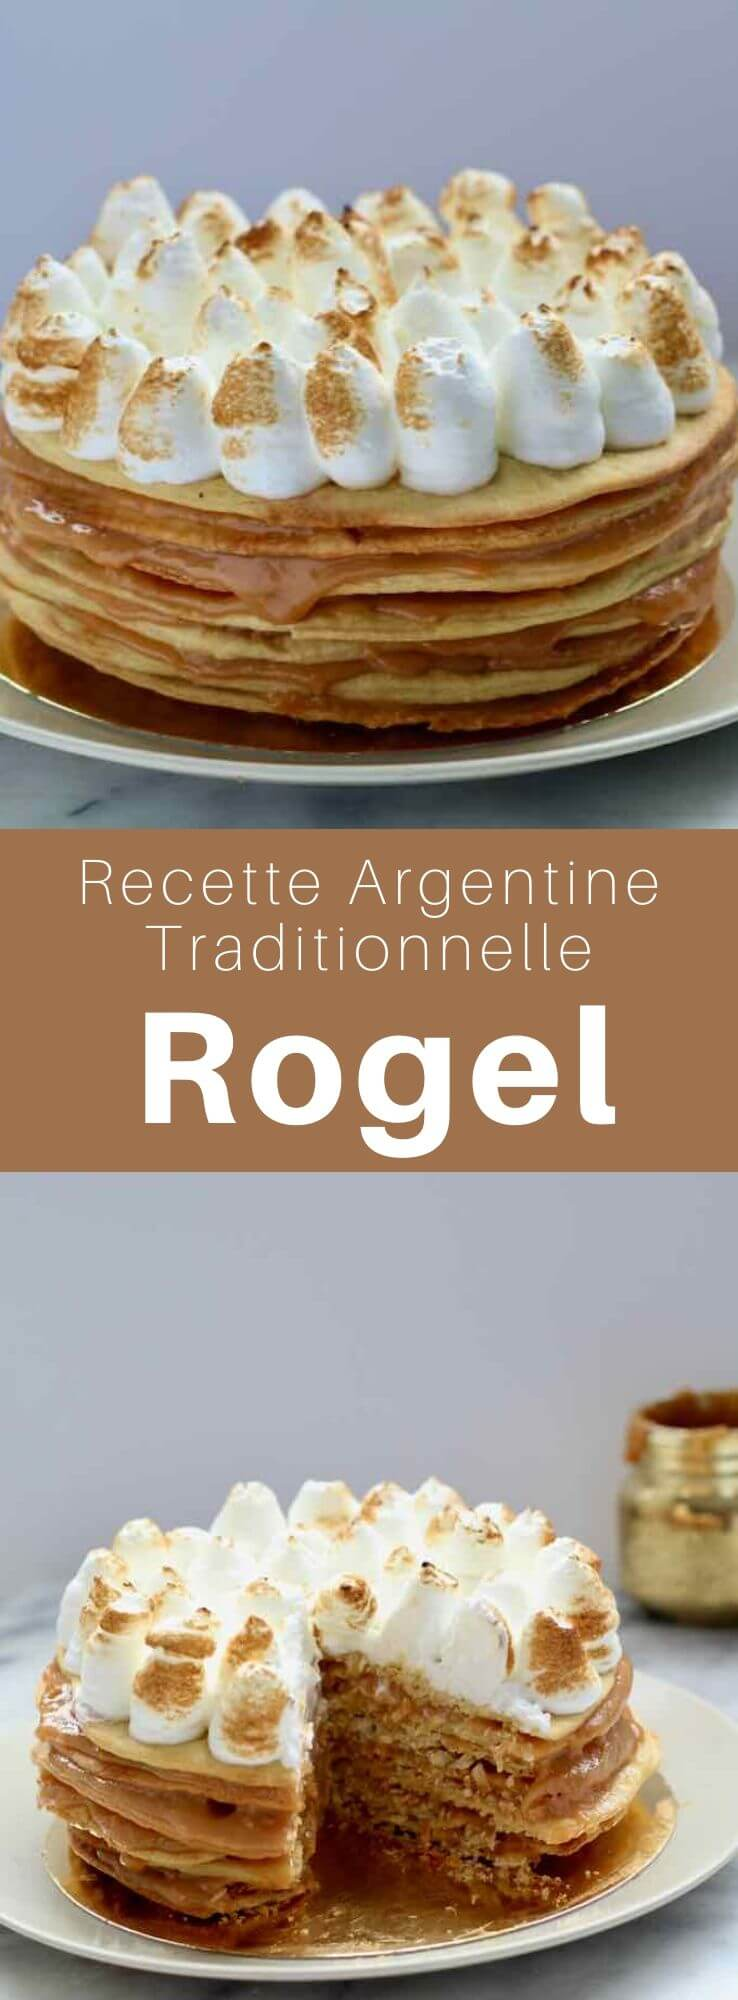 Le rogel est souvent appelé le millefeuille argentin. Ce dessert populaire se compose de couches croustillantes de pâte remplies de dulce de leche et recouvertes d'une meringue. #Argentine #RecetteArgentine #CuisineArgentine #CuisineDuMonde #196flavors